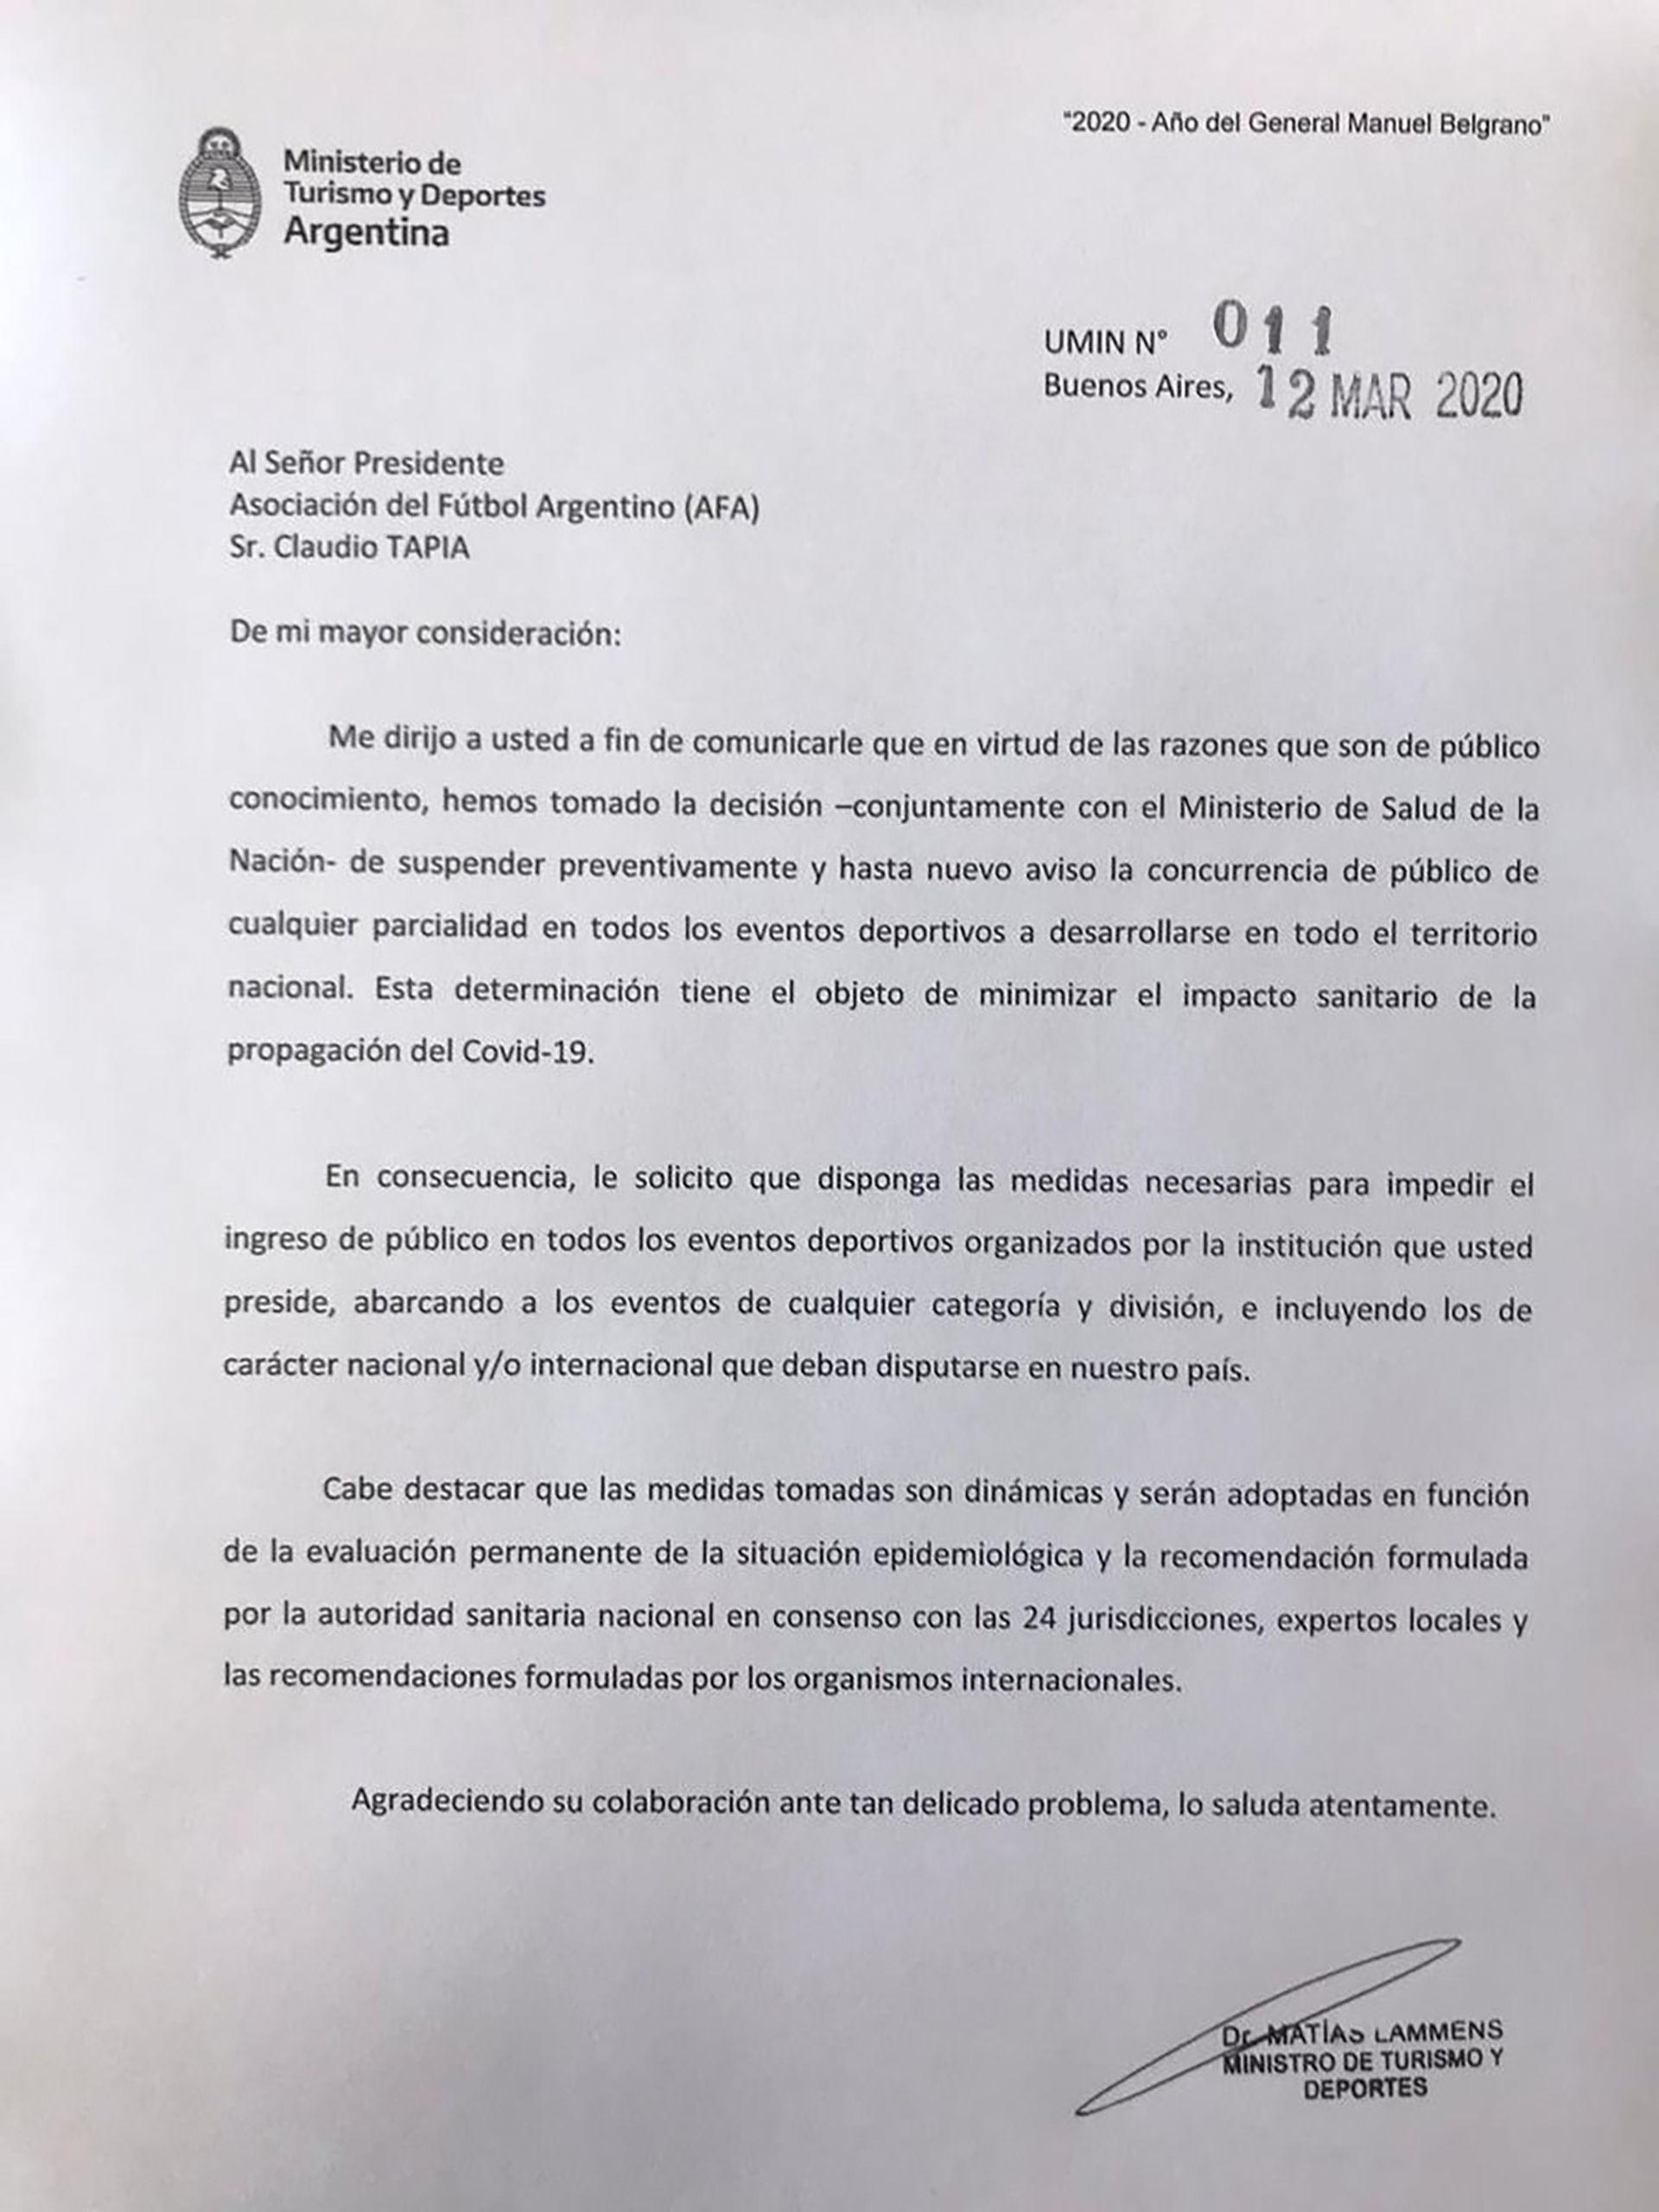 La carta que llegó a la AFA